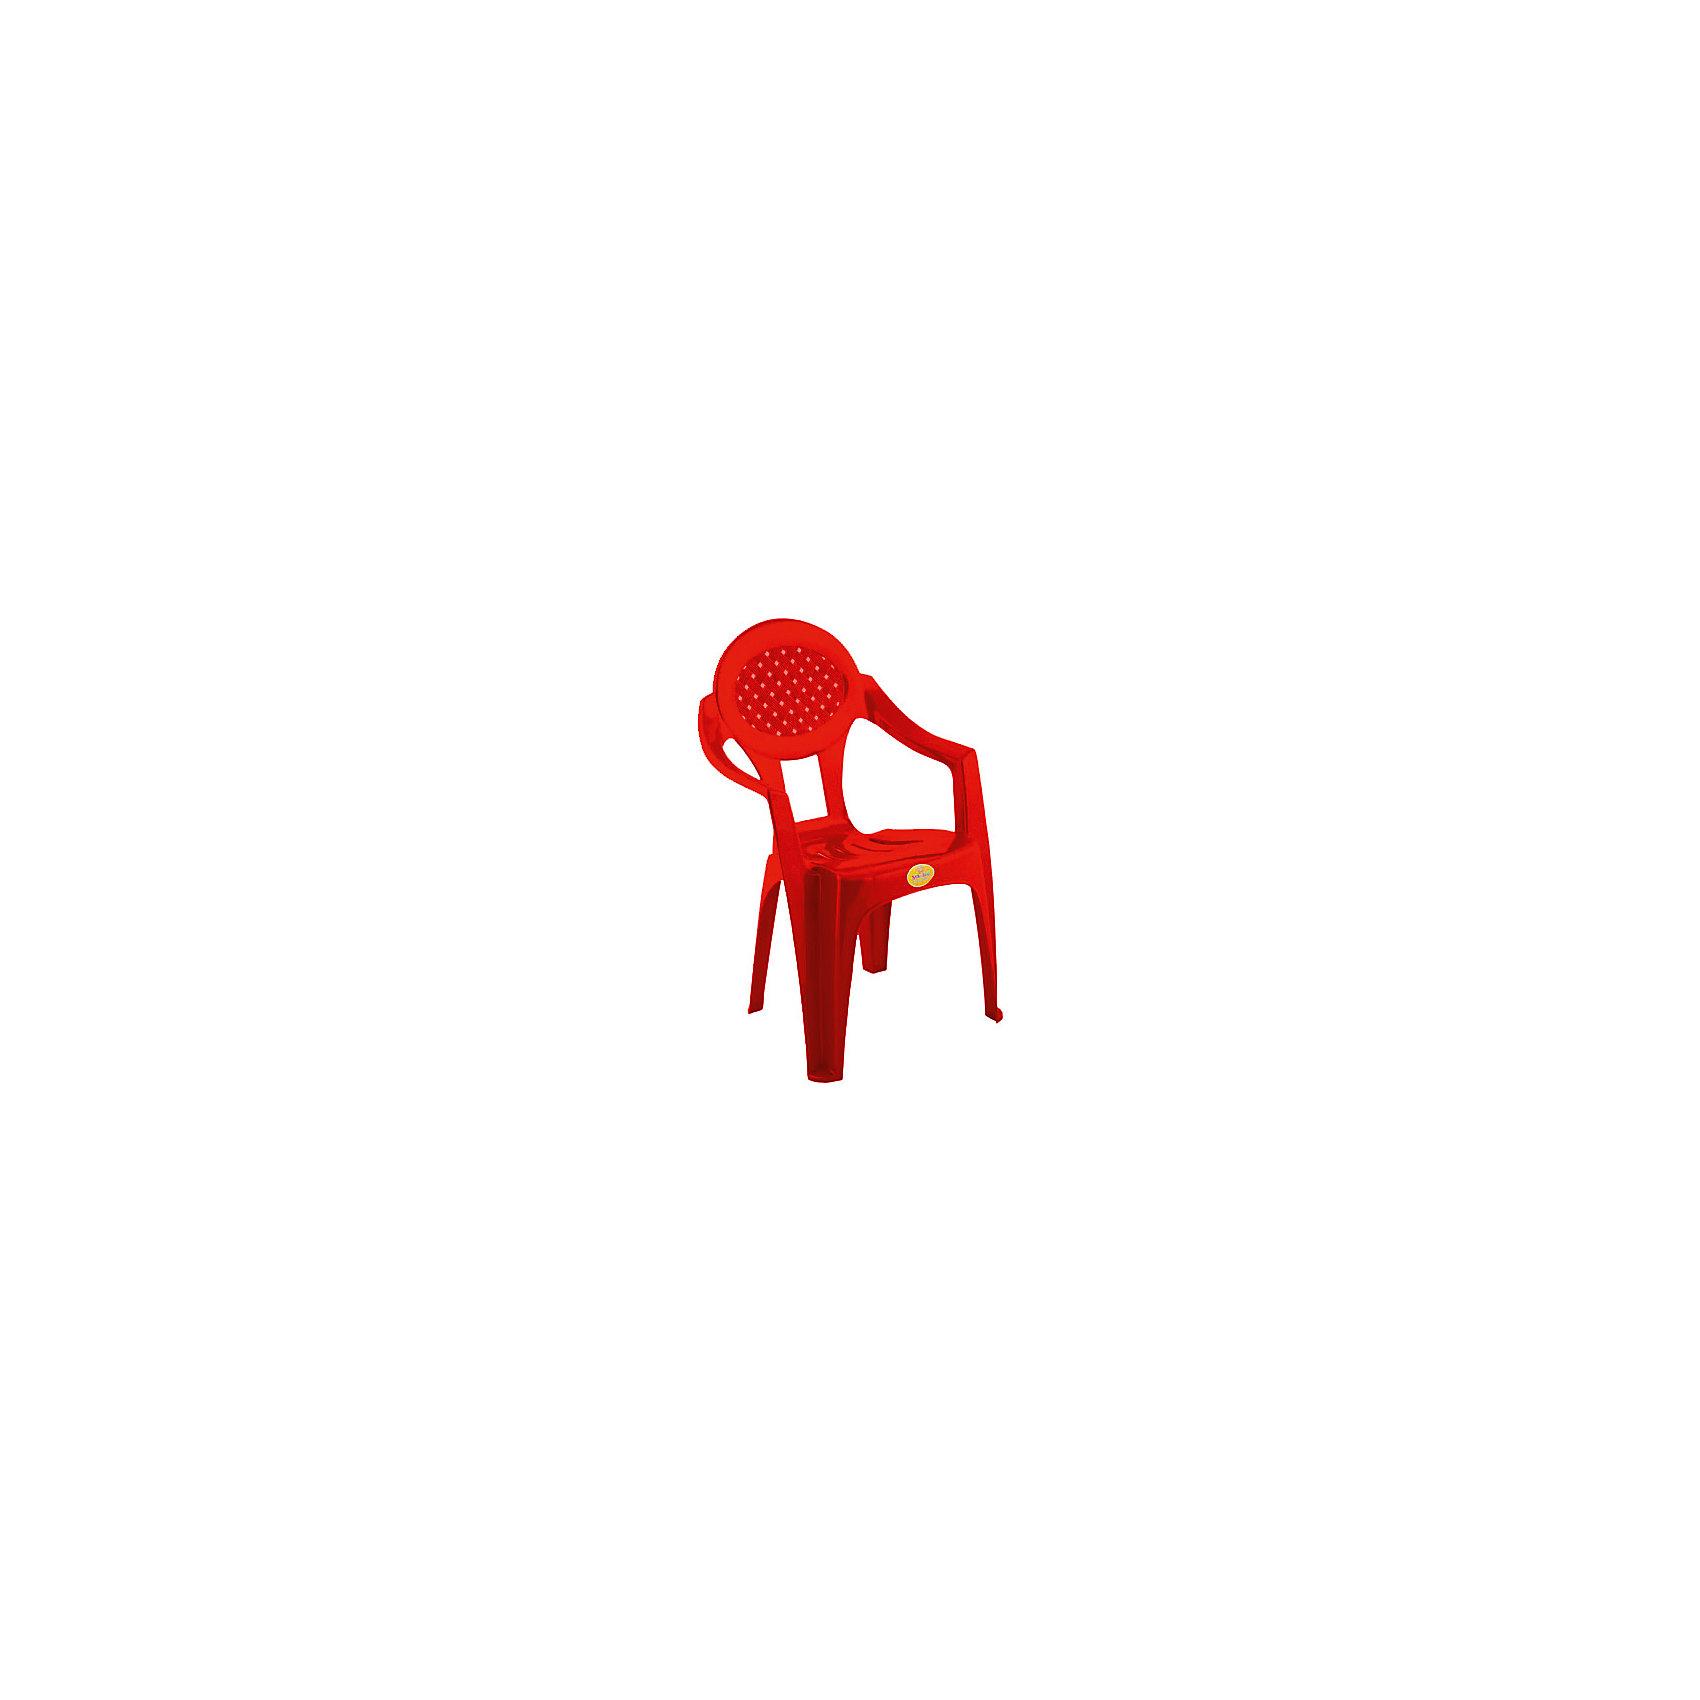 Полимербыт Красный стул Малыш купить футбольную форму челси торрес